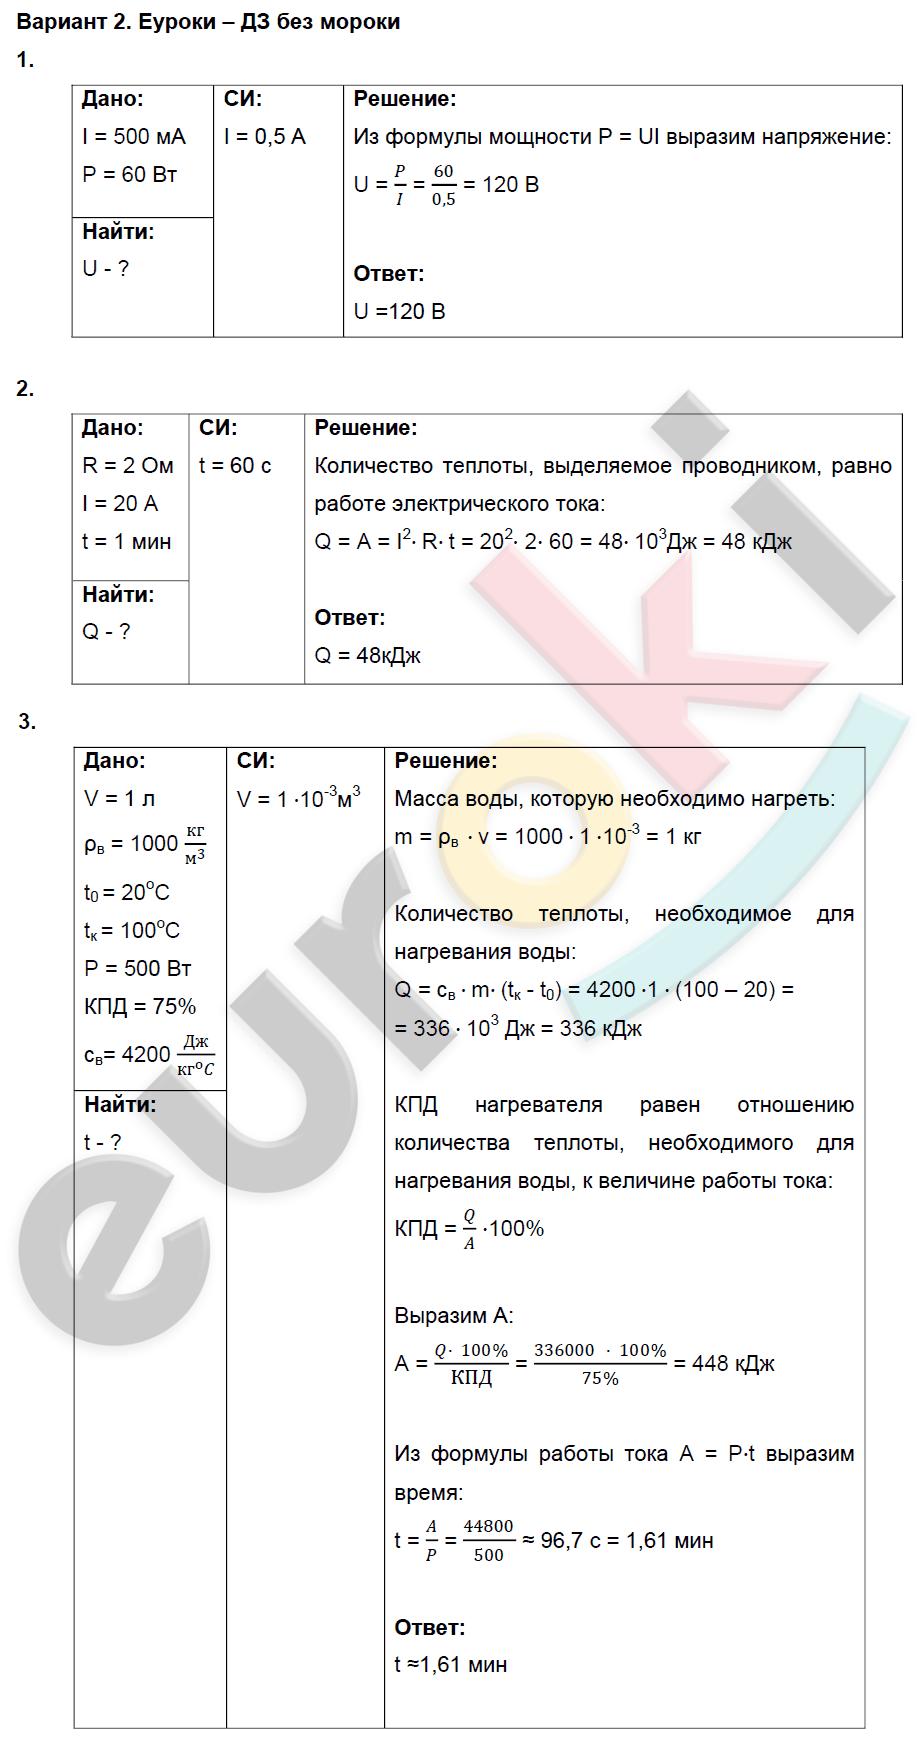 Решебник и гдз по физике за 8 класс, авторы а. В. Пёрышкин | гдз.